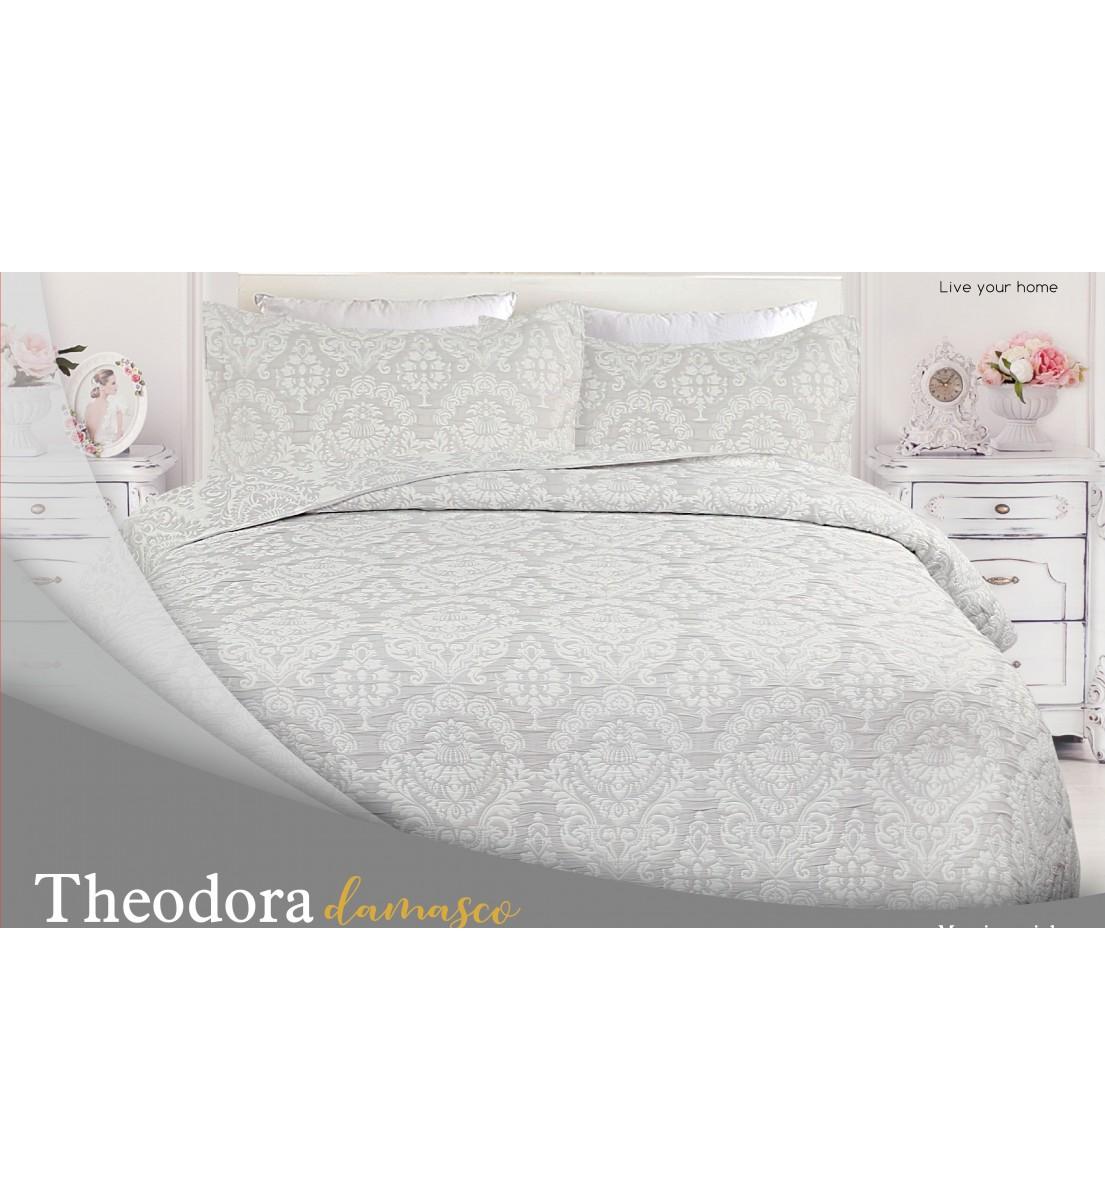 Trapuntino Theodora